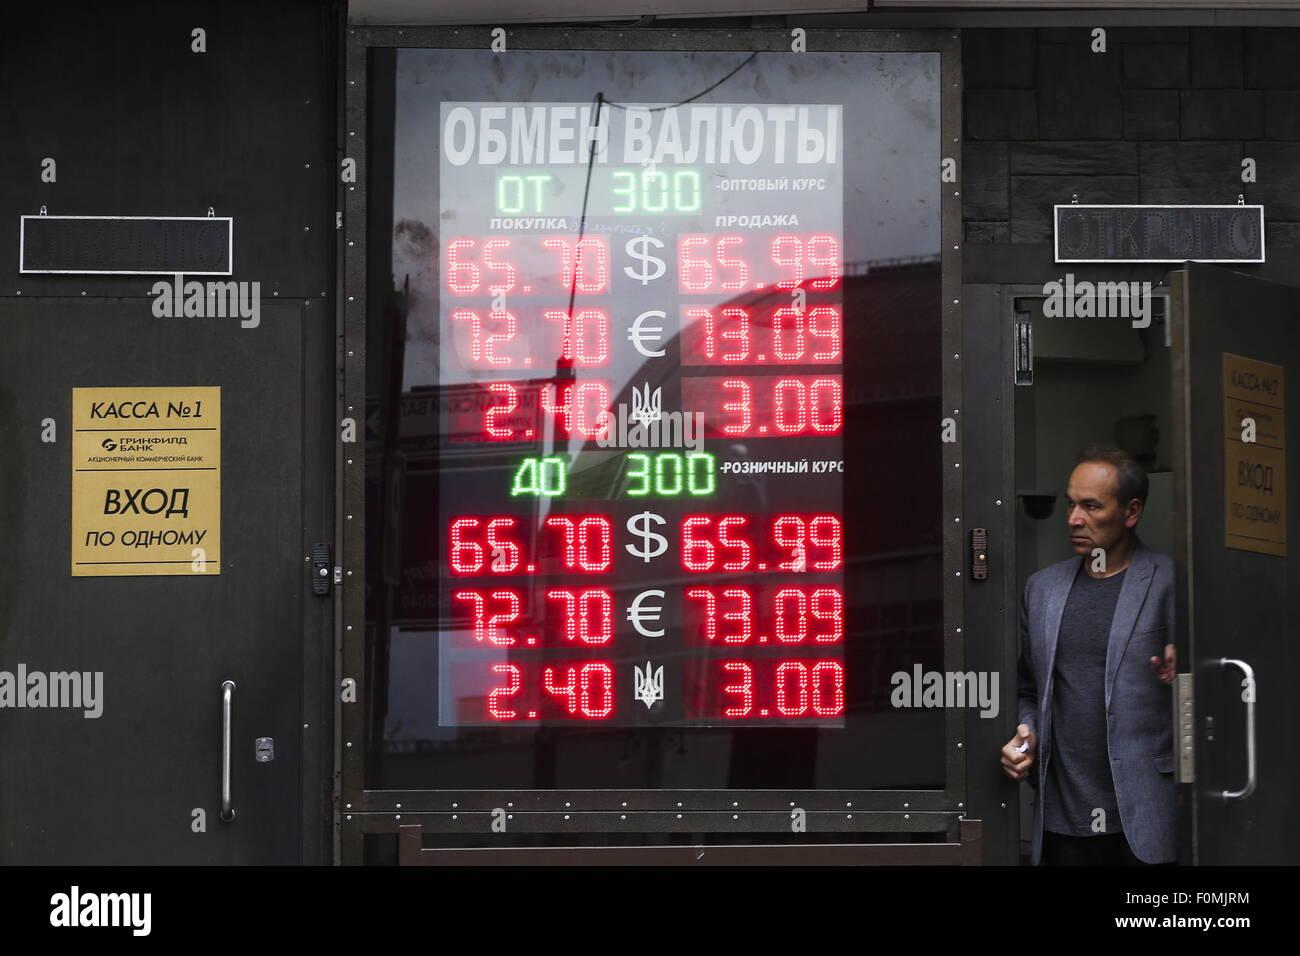 Moscow Russia August 18 2015 A Man Leaves A Bureau De Change